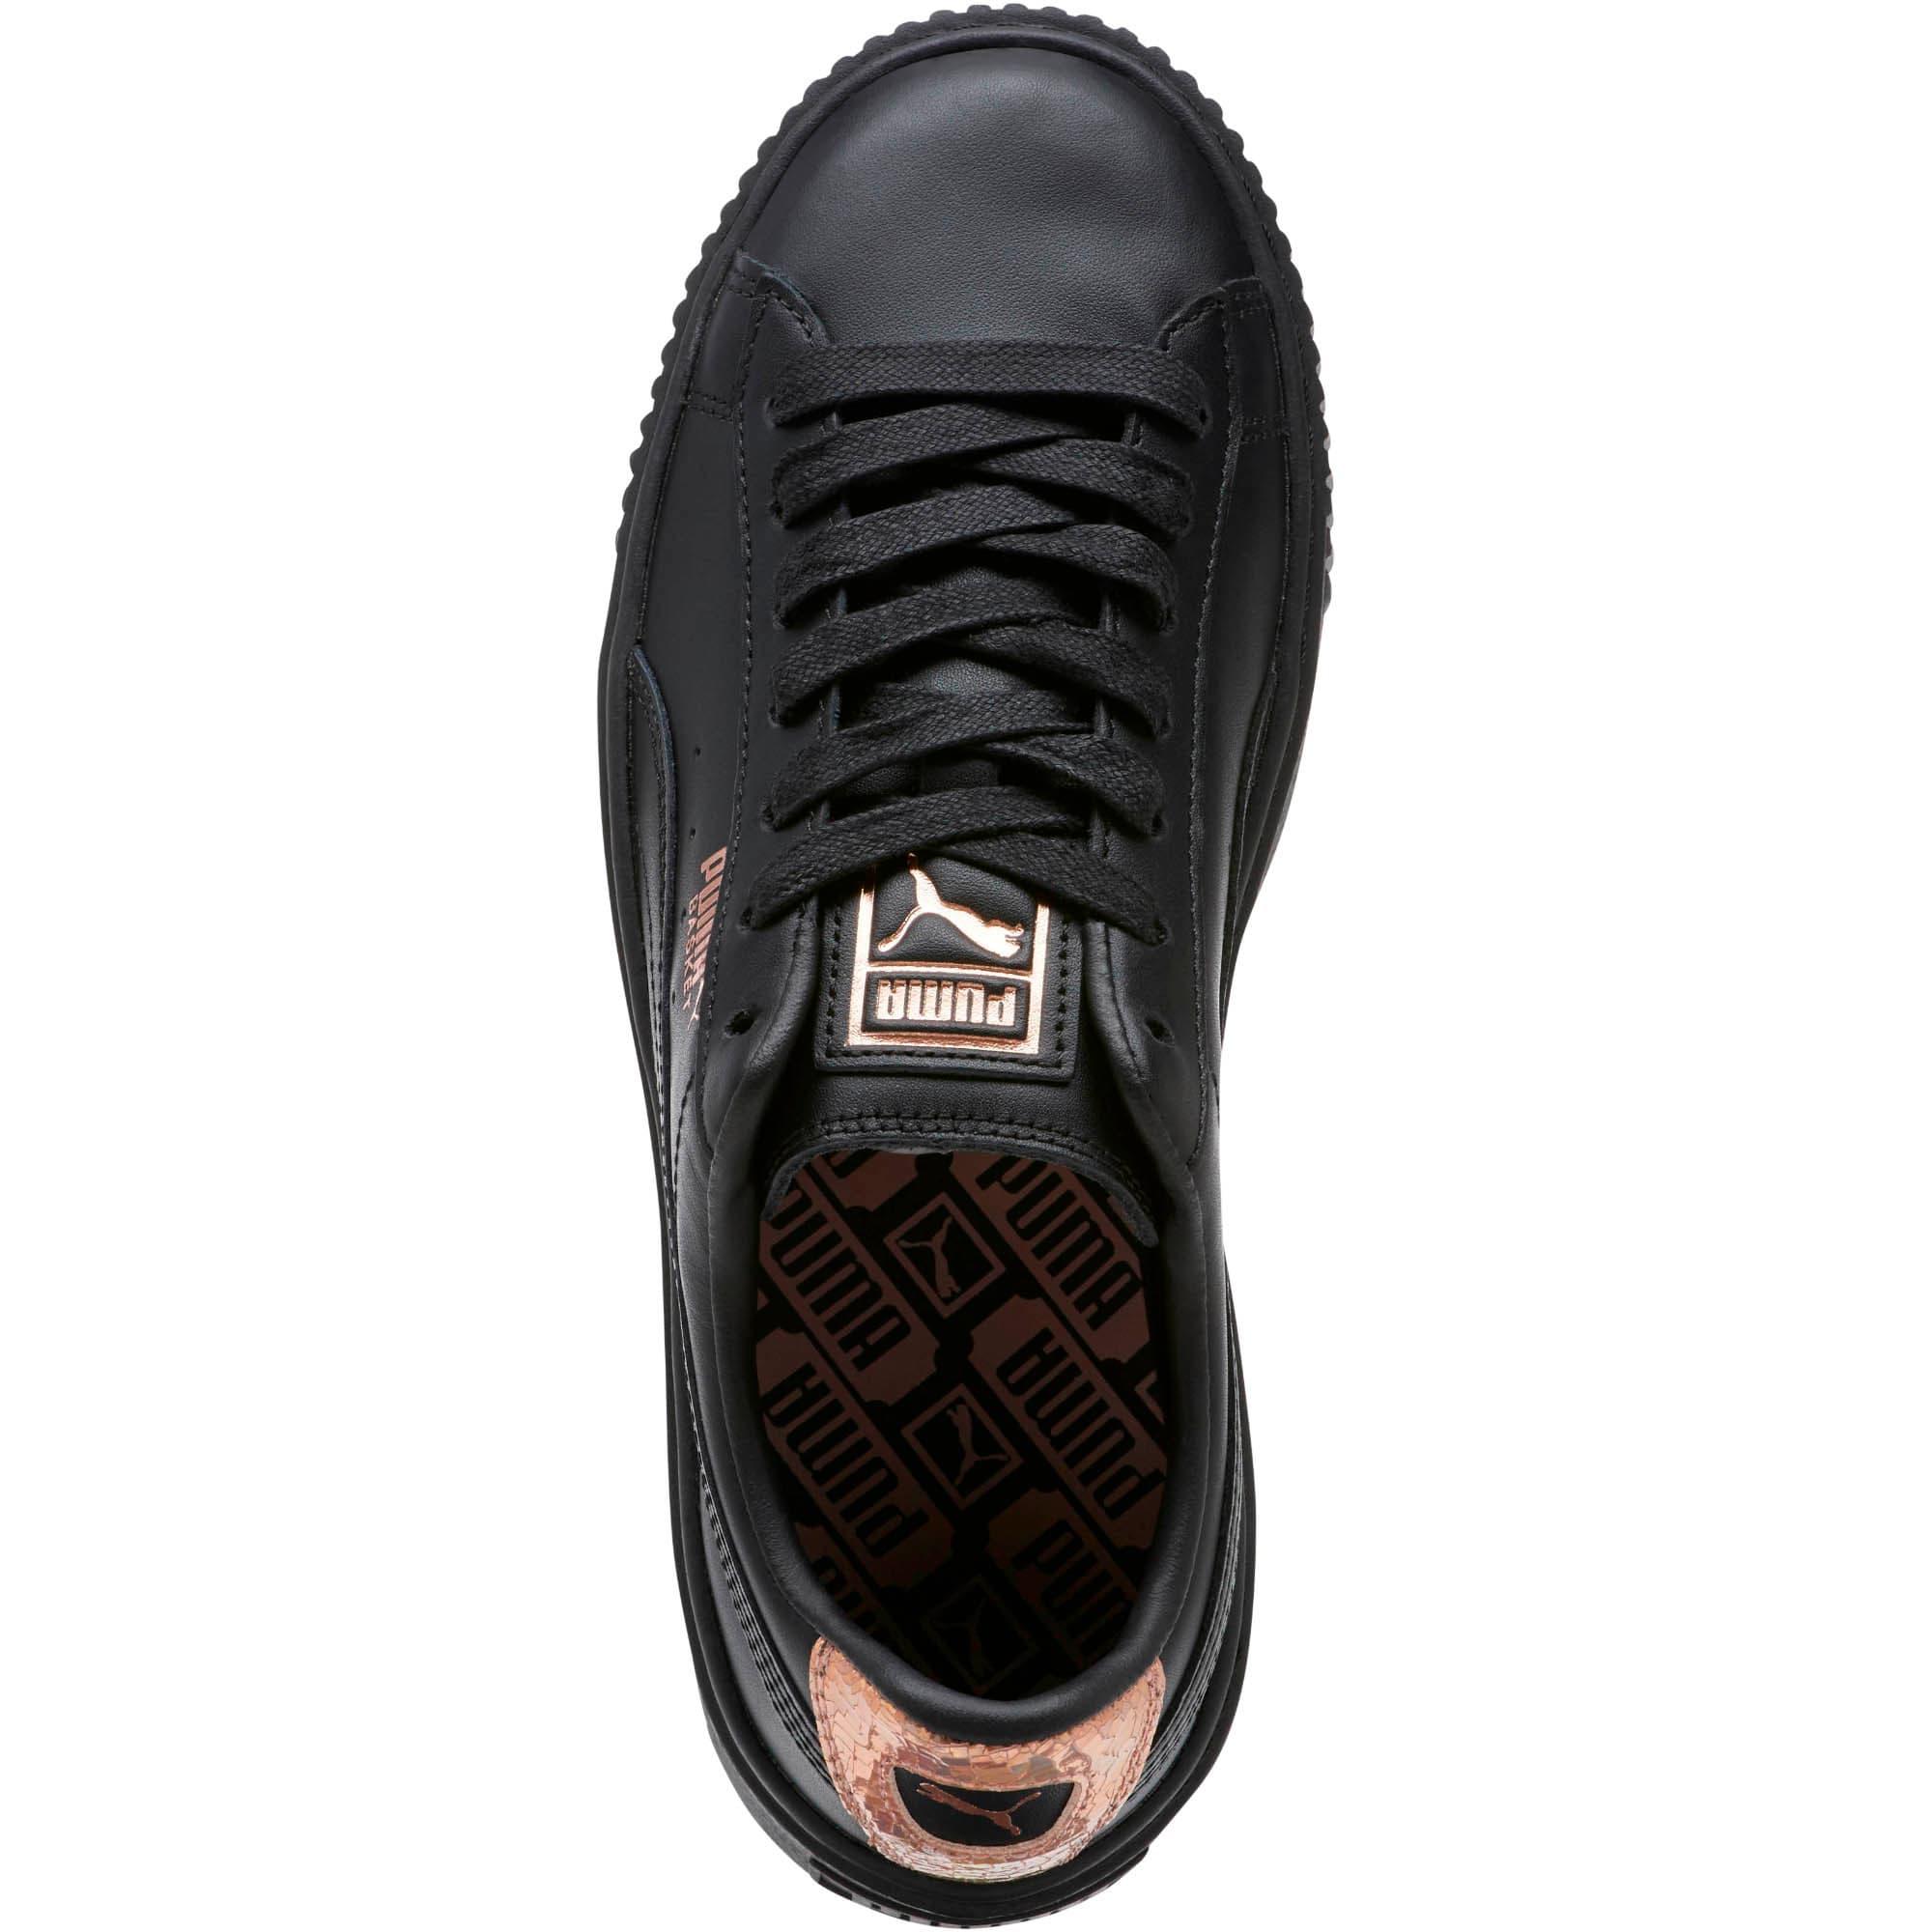 Thumbnail 5 of Basket Platform RG Women's Sneakers, Puma Black-Rose Gold, medium